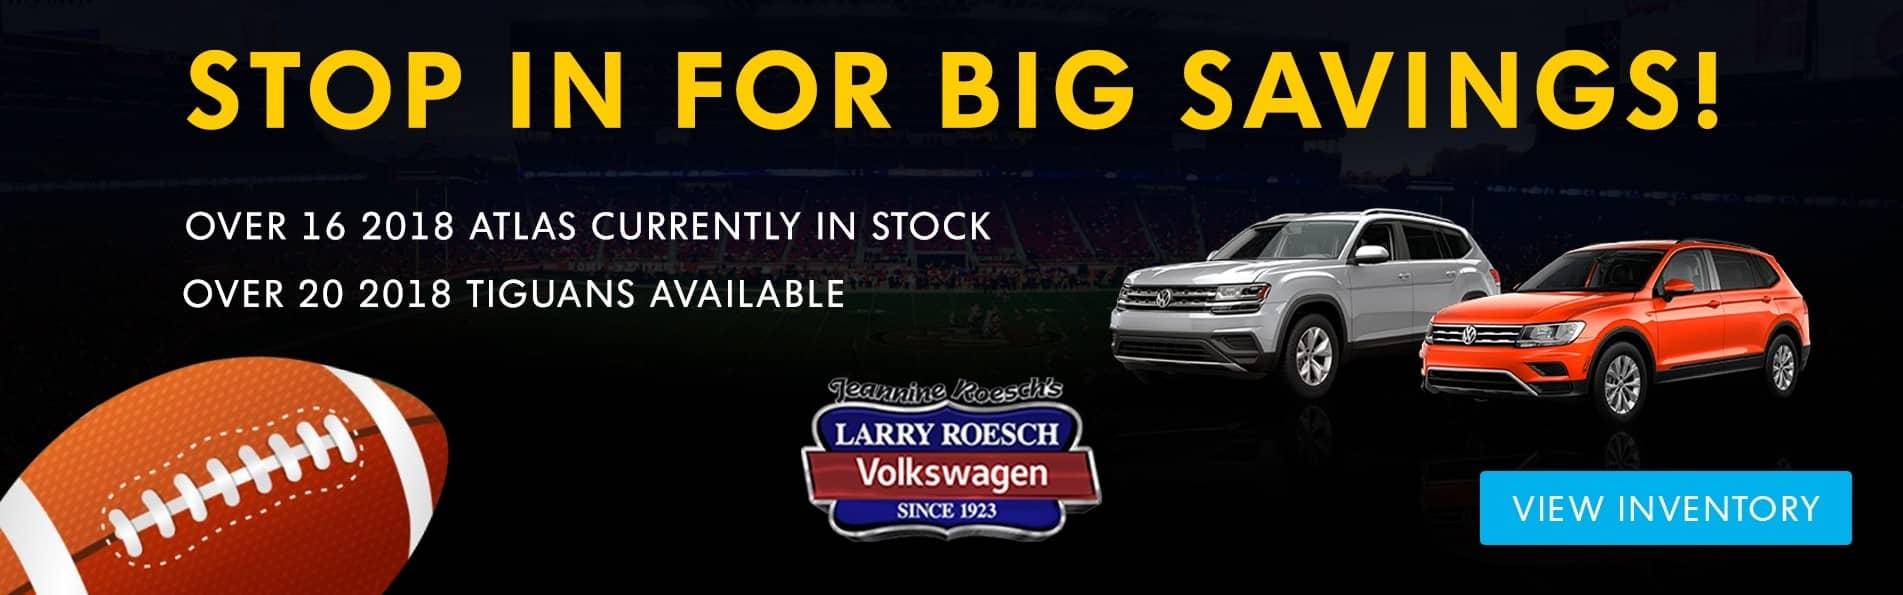 Larry Roesch Volkswagen Volkswagen Dealer In Bensenville Il